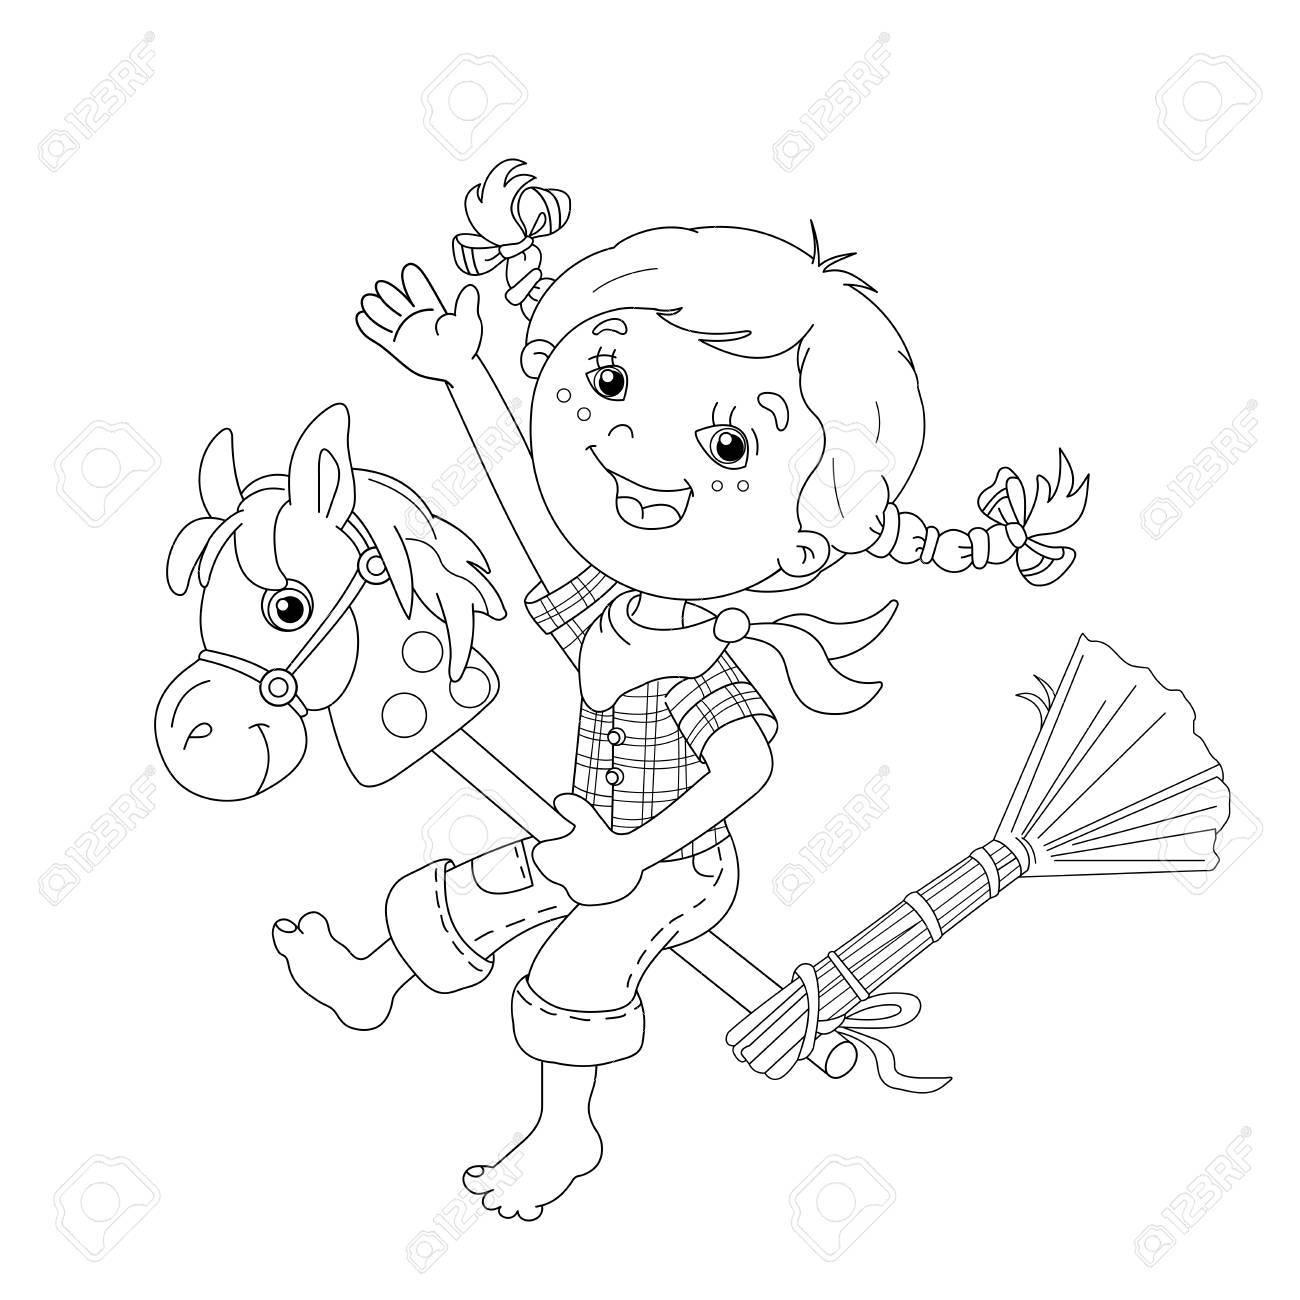 ぬりえページ概要の漫画の女の子のおもちゃの馬とカウボーイの演奏を実行